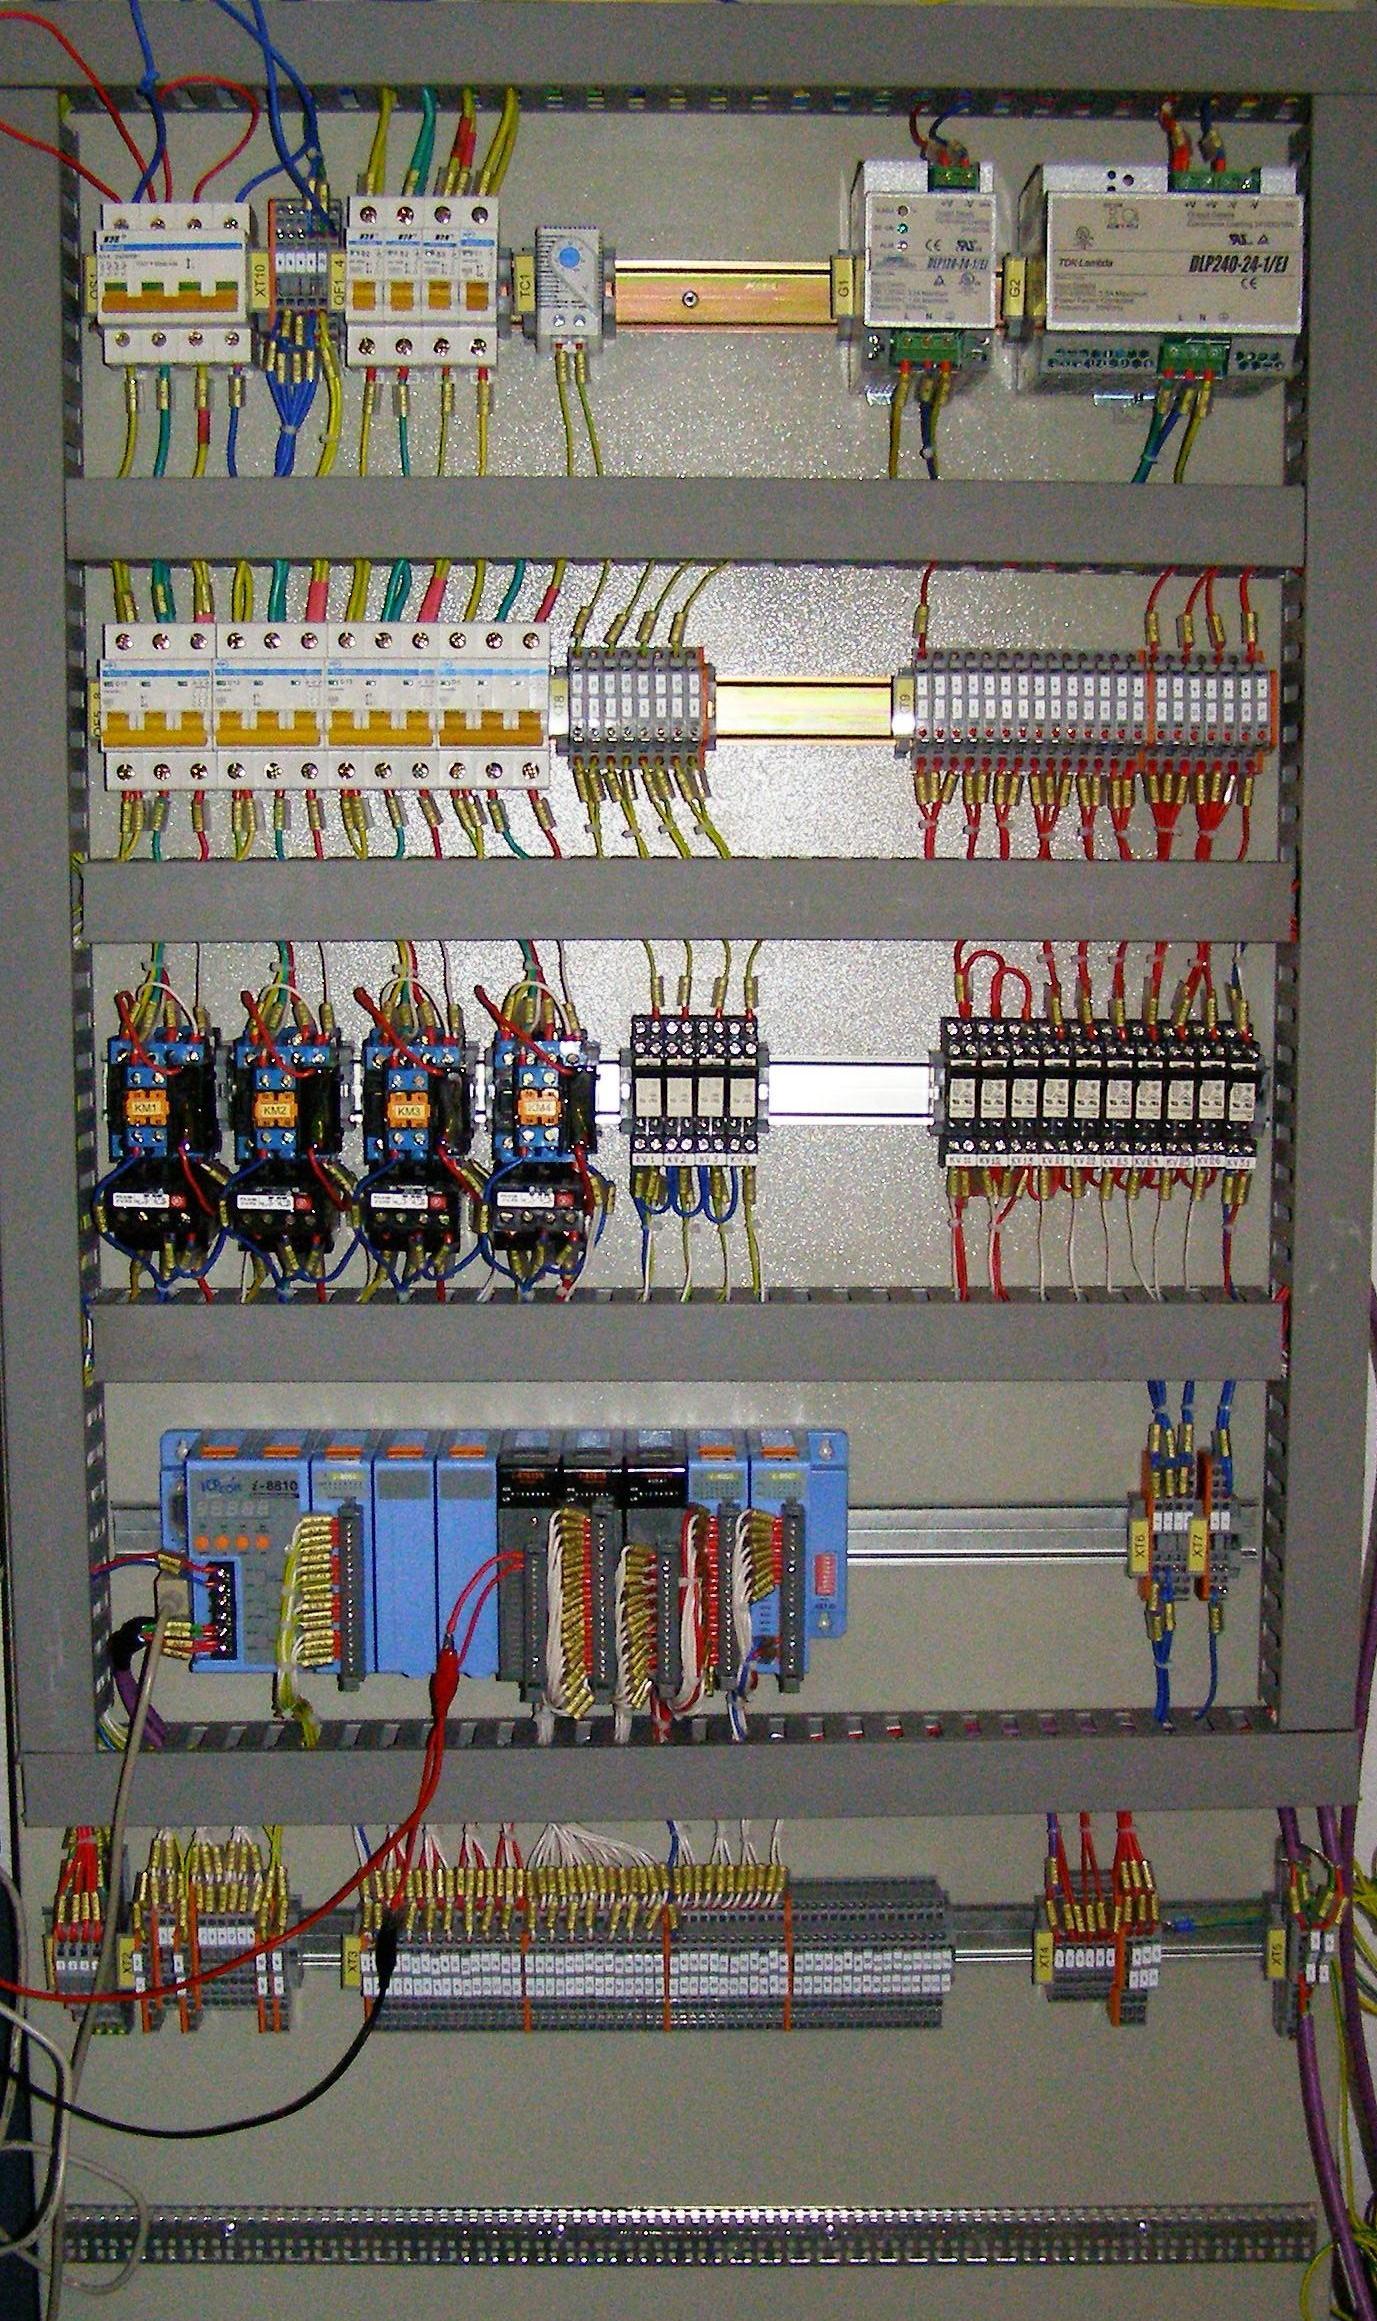 принципиальная схема асу работы вентилятора описание